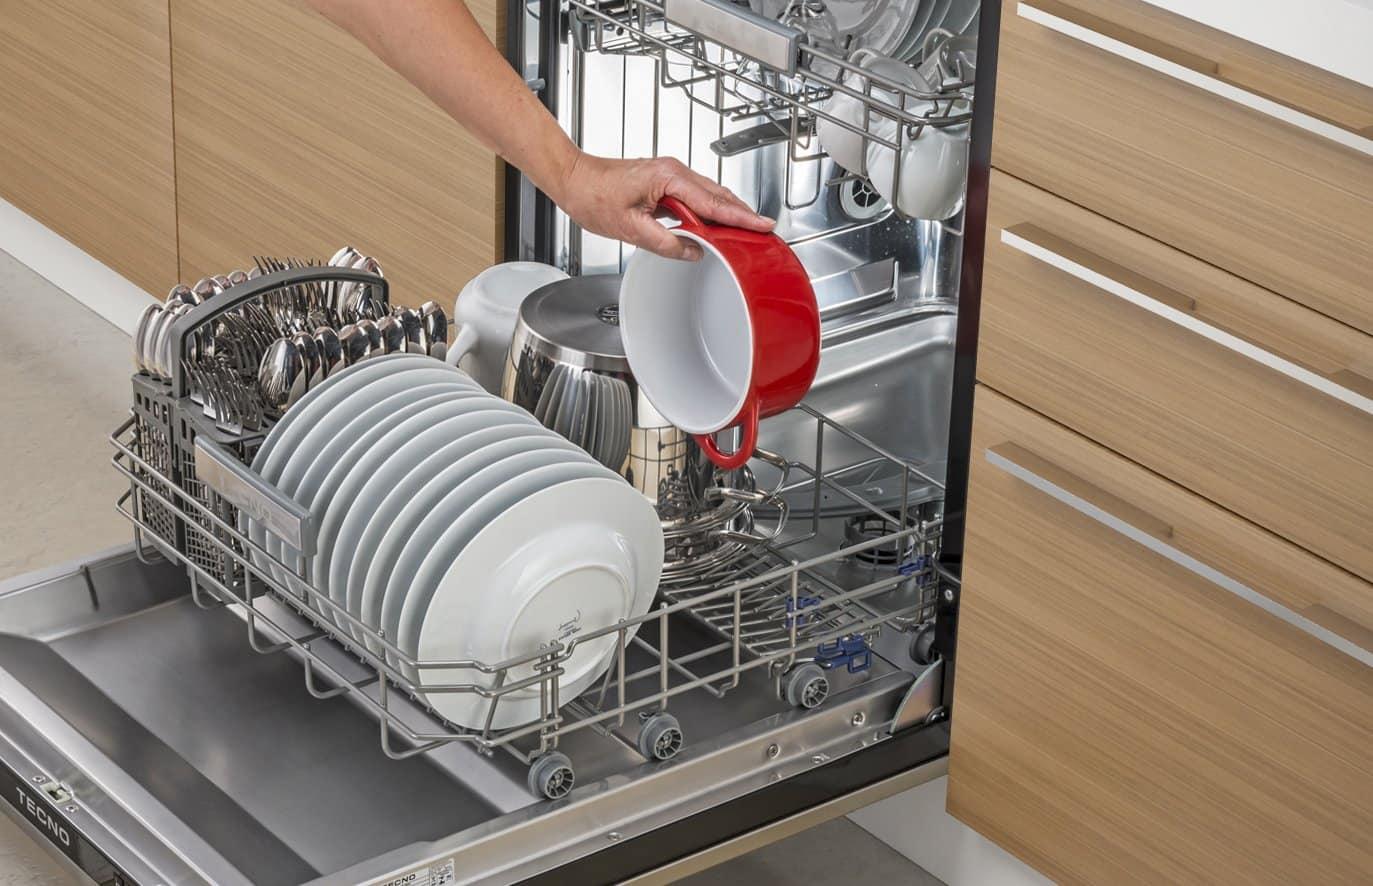 A melhor lava louças deve adequadar a quantidade de serviços às saus necessidades.